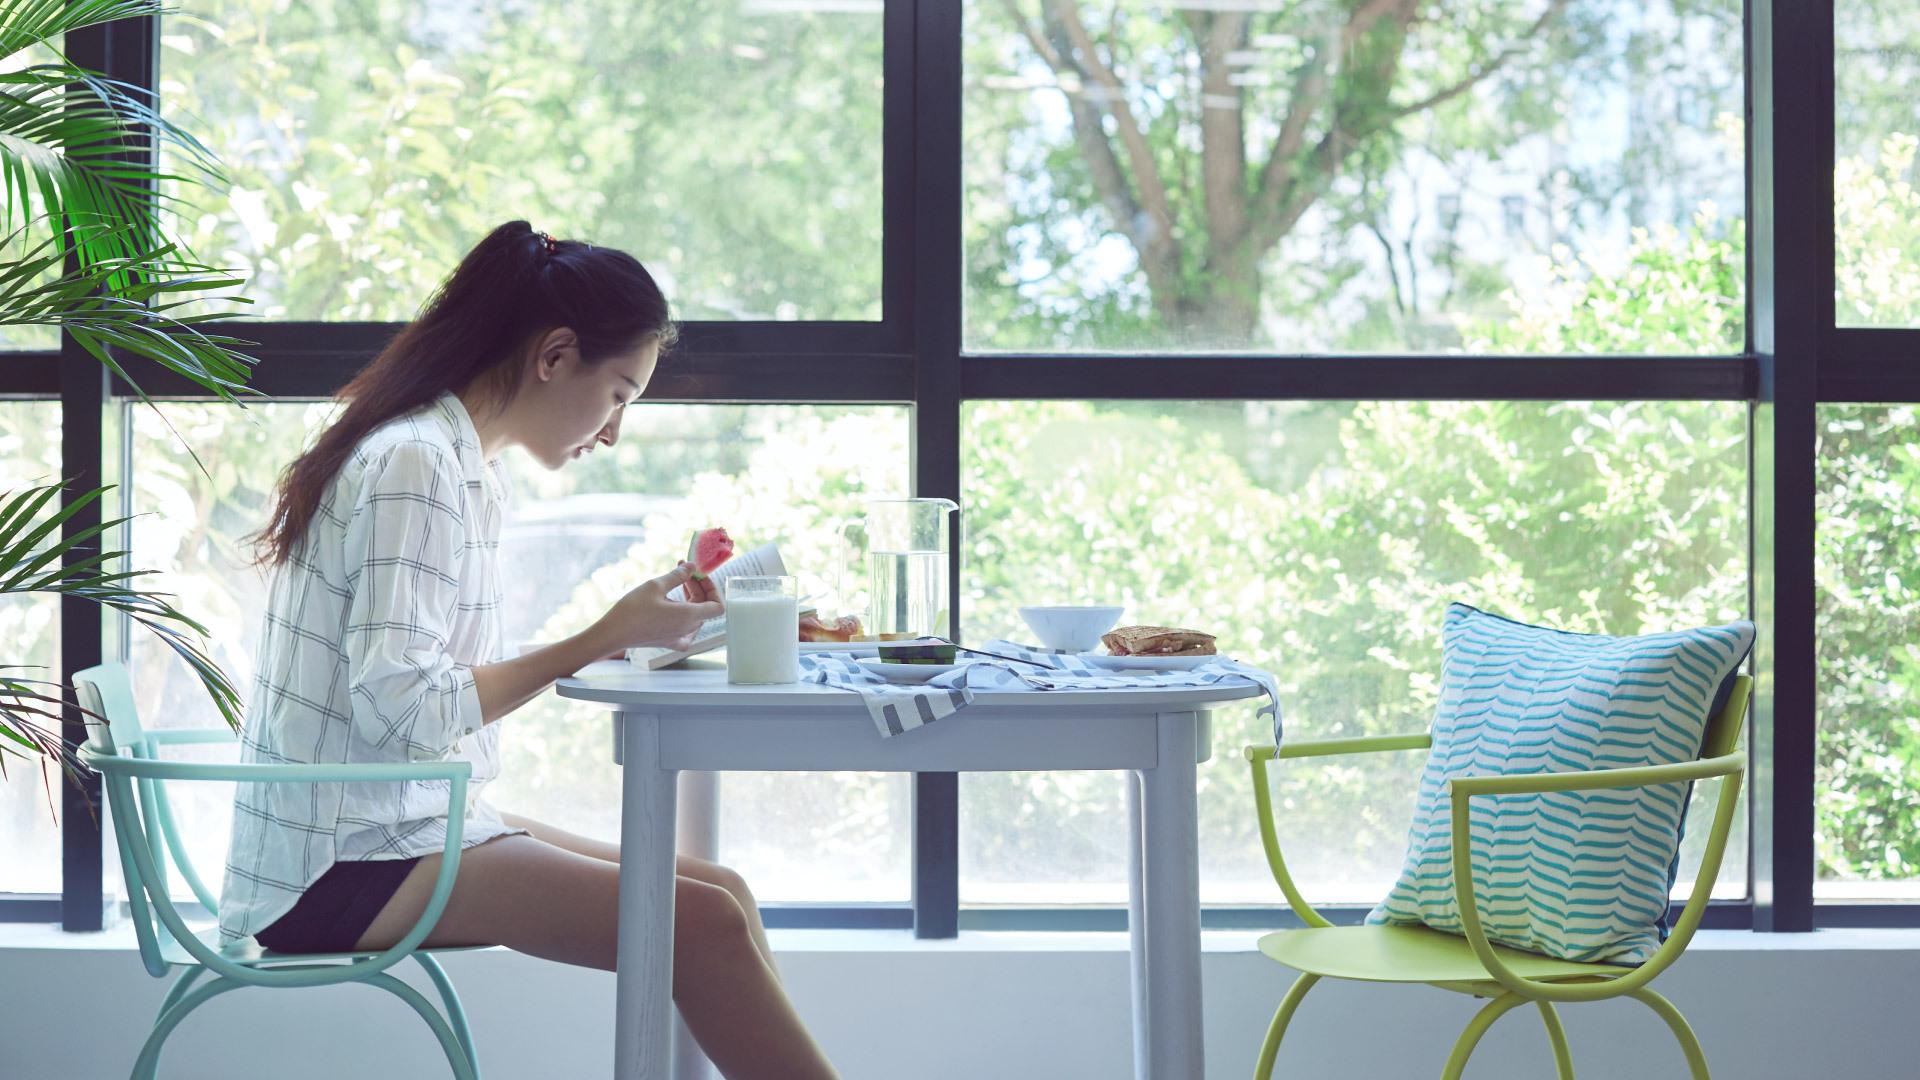 翻书阅读与享用小食的闲适,都有微风阳光的陪伴,下午茶时间就从这里开始吧。